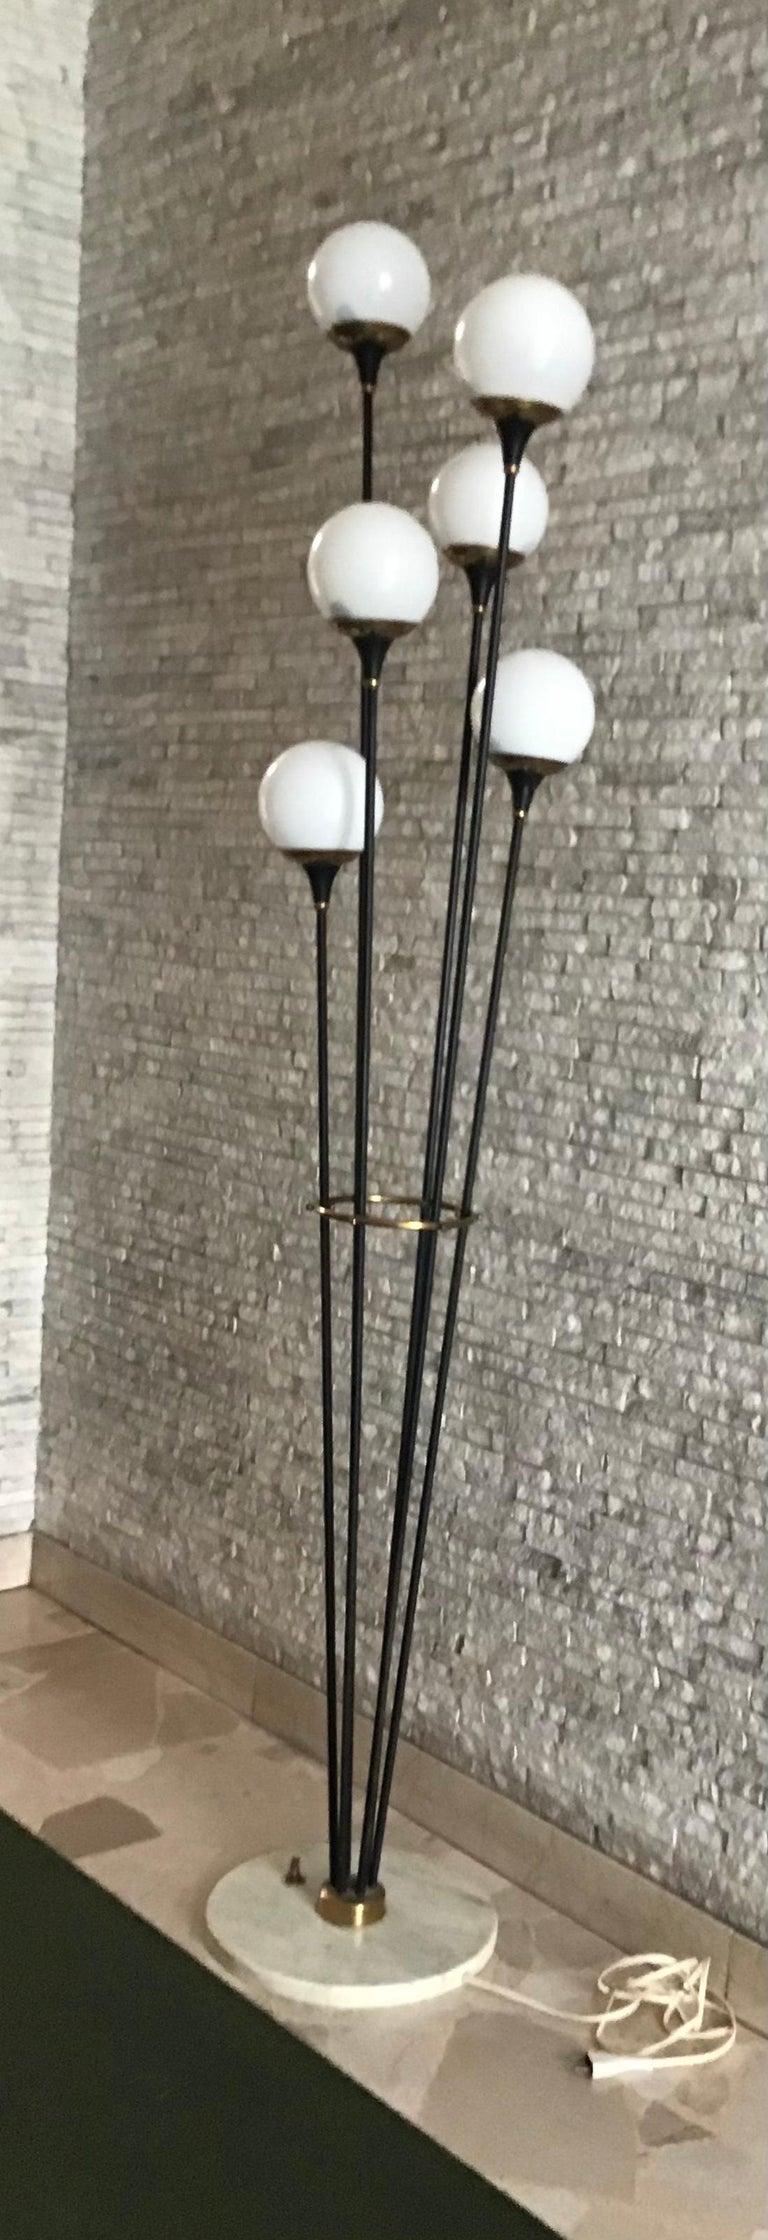 Stilnovo Floor Lamp Iron Brass Marbre Opaline Glass, 1950, Italy  For Sale 2